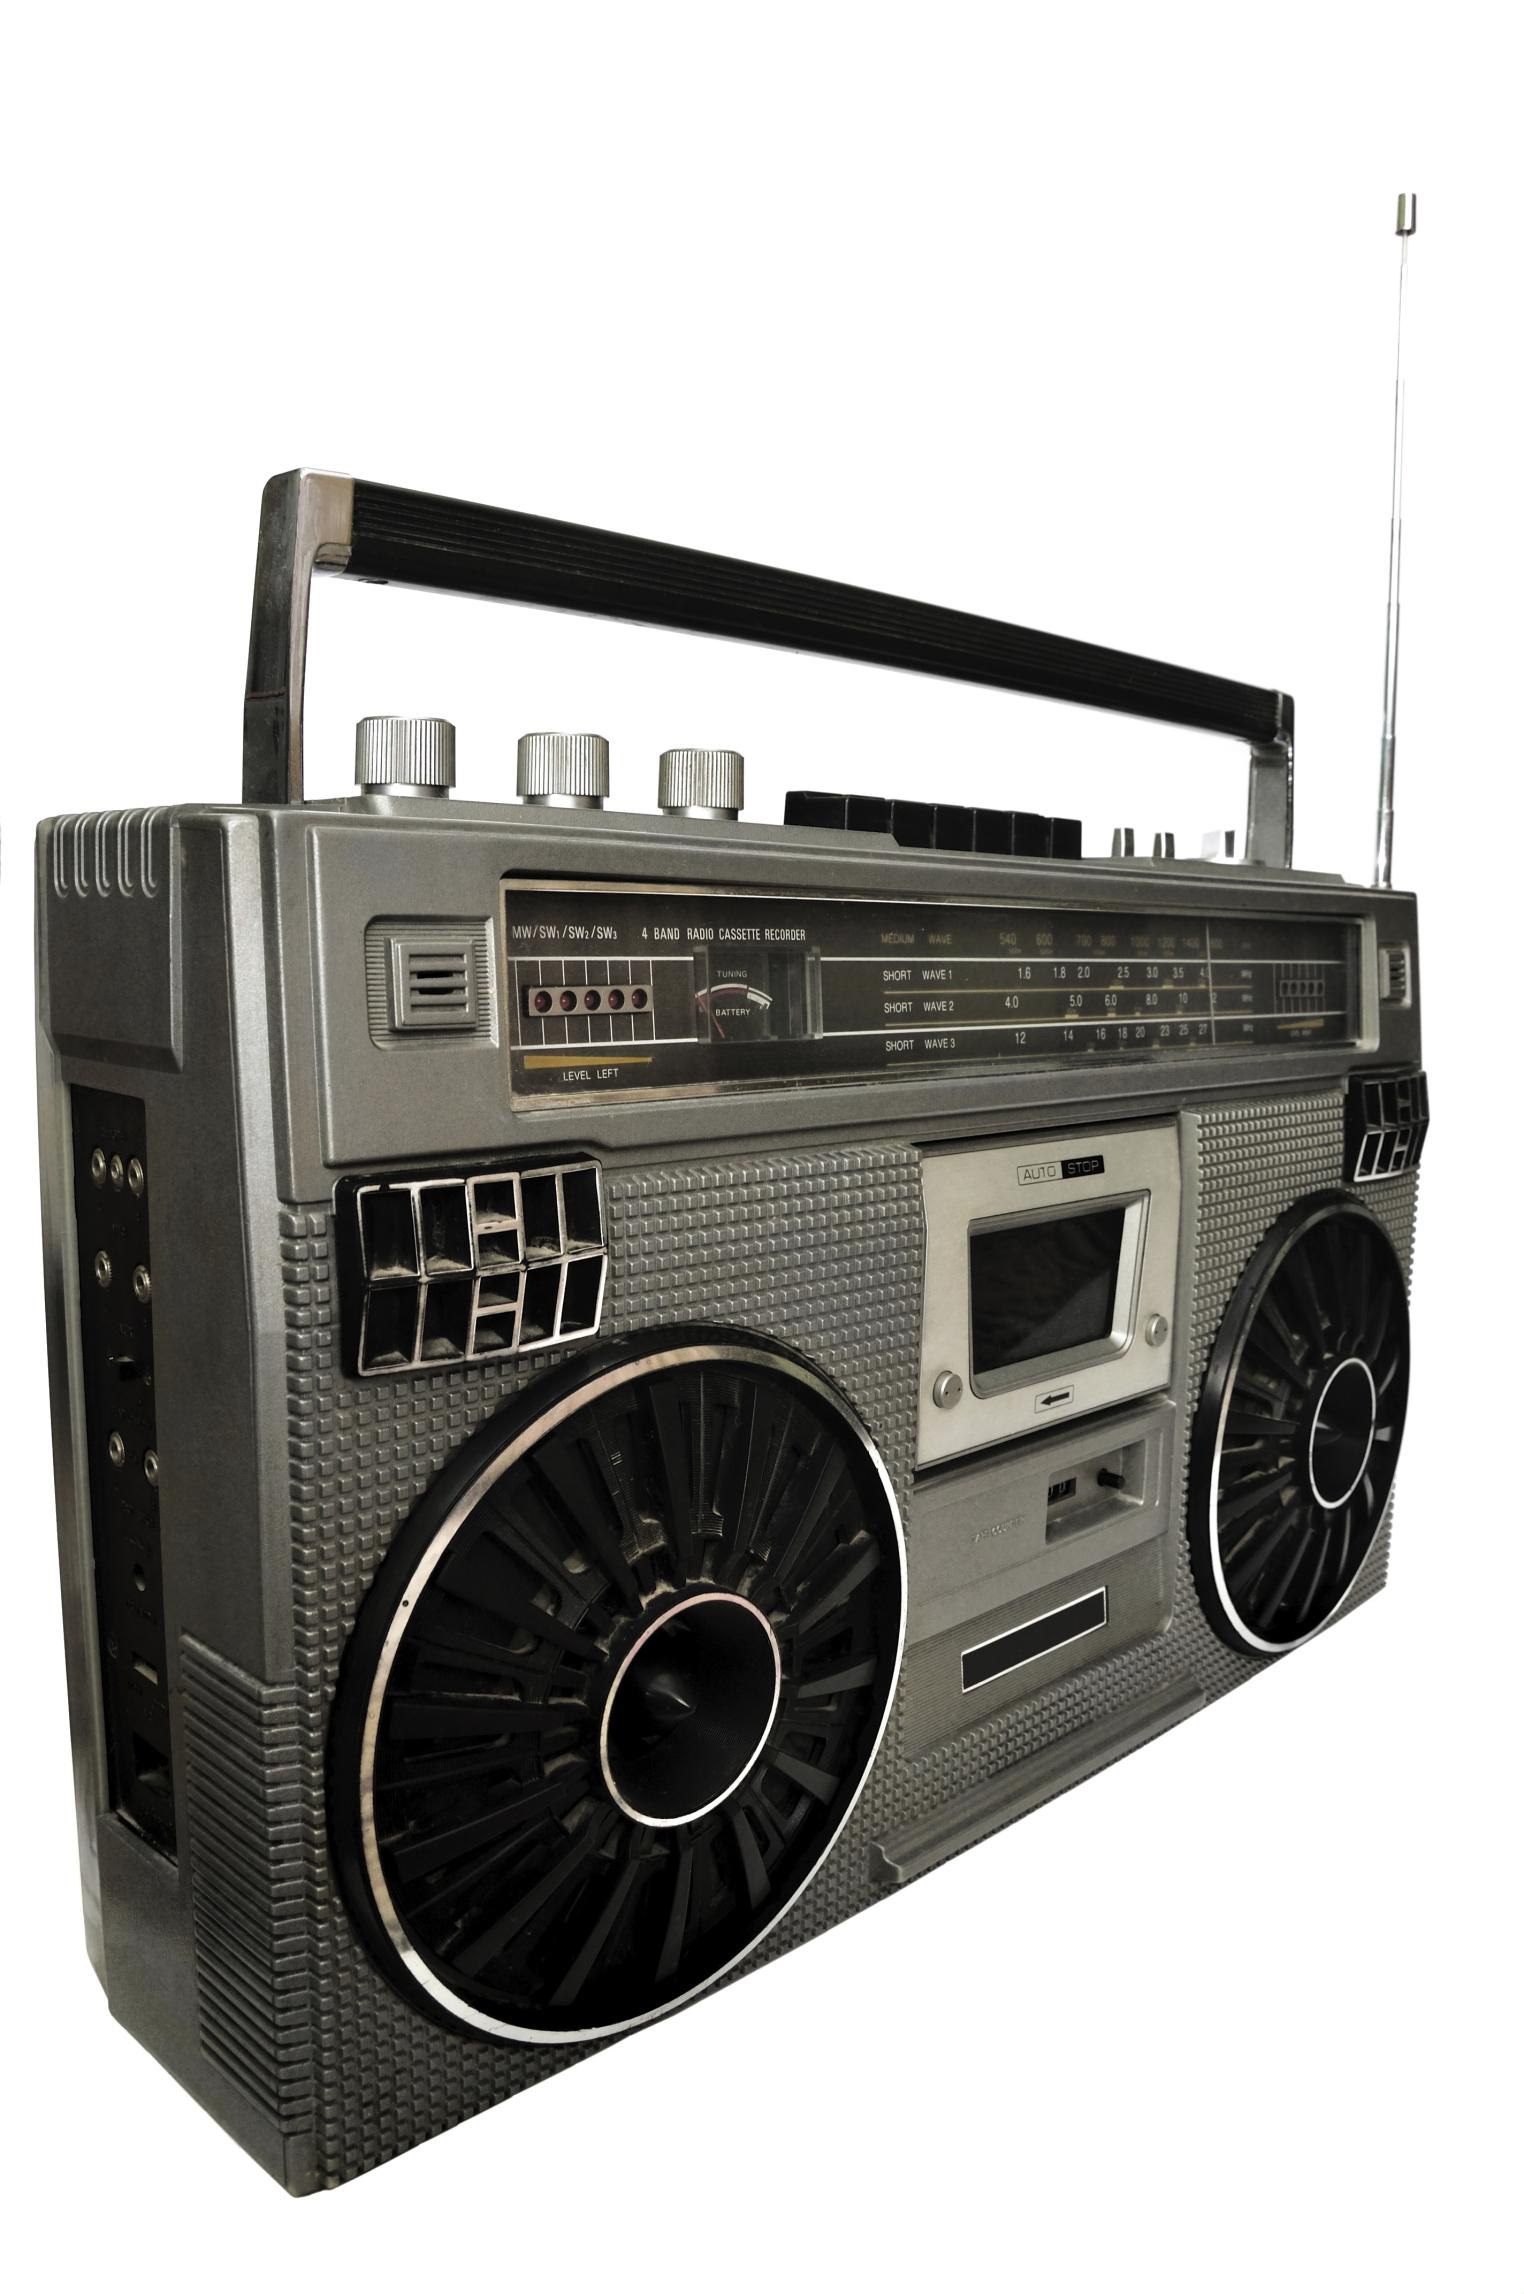 boom box 80s